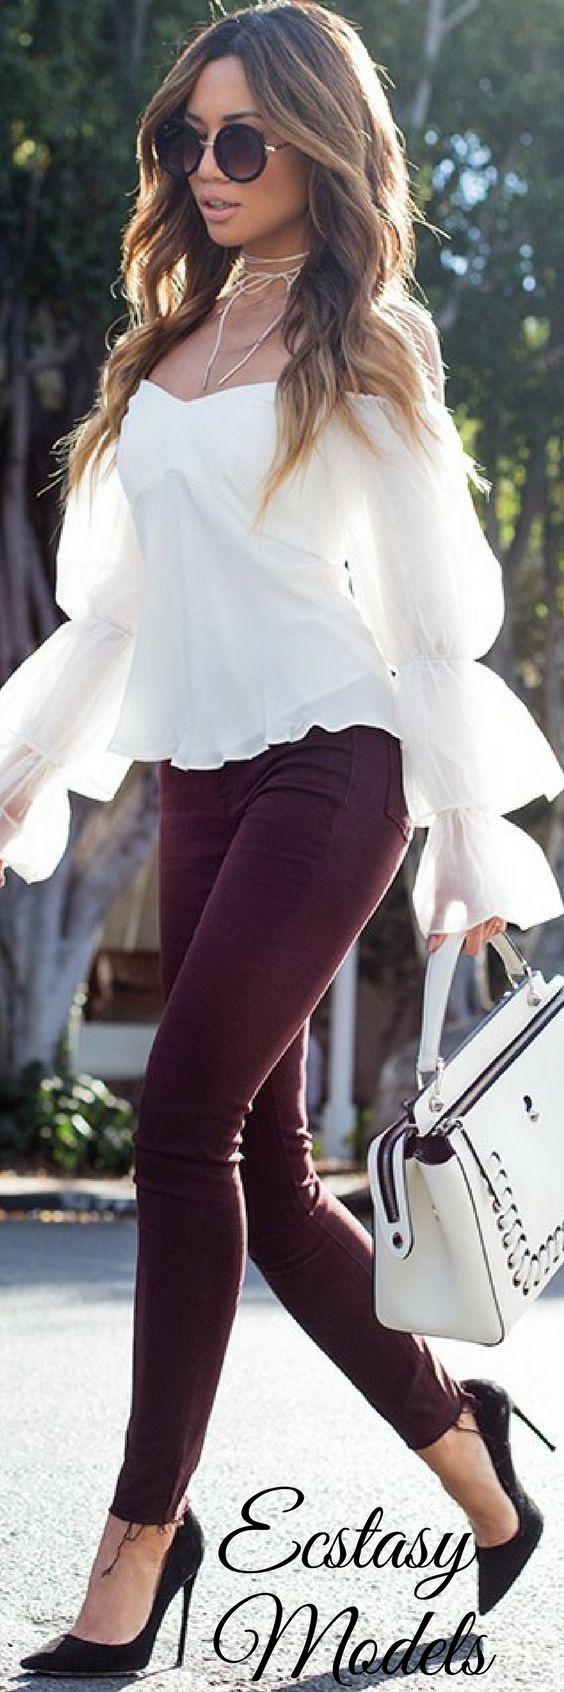 Fall Denim // Fashion Look by Jessi Malay